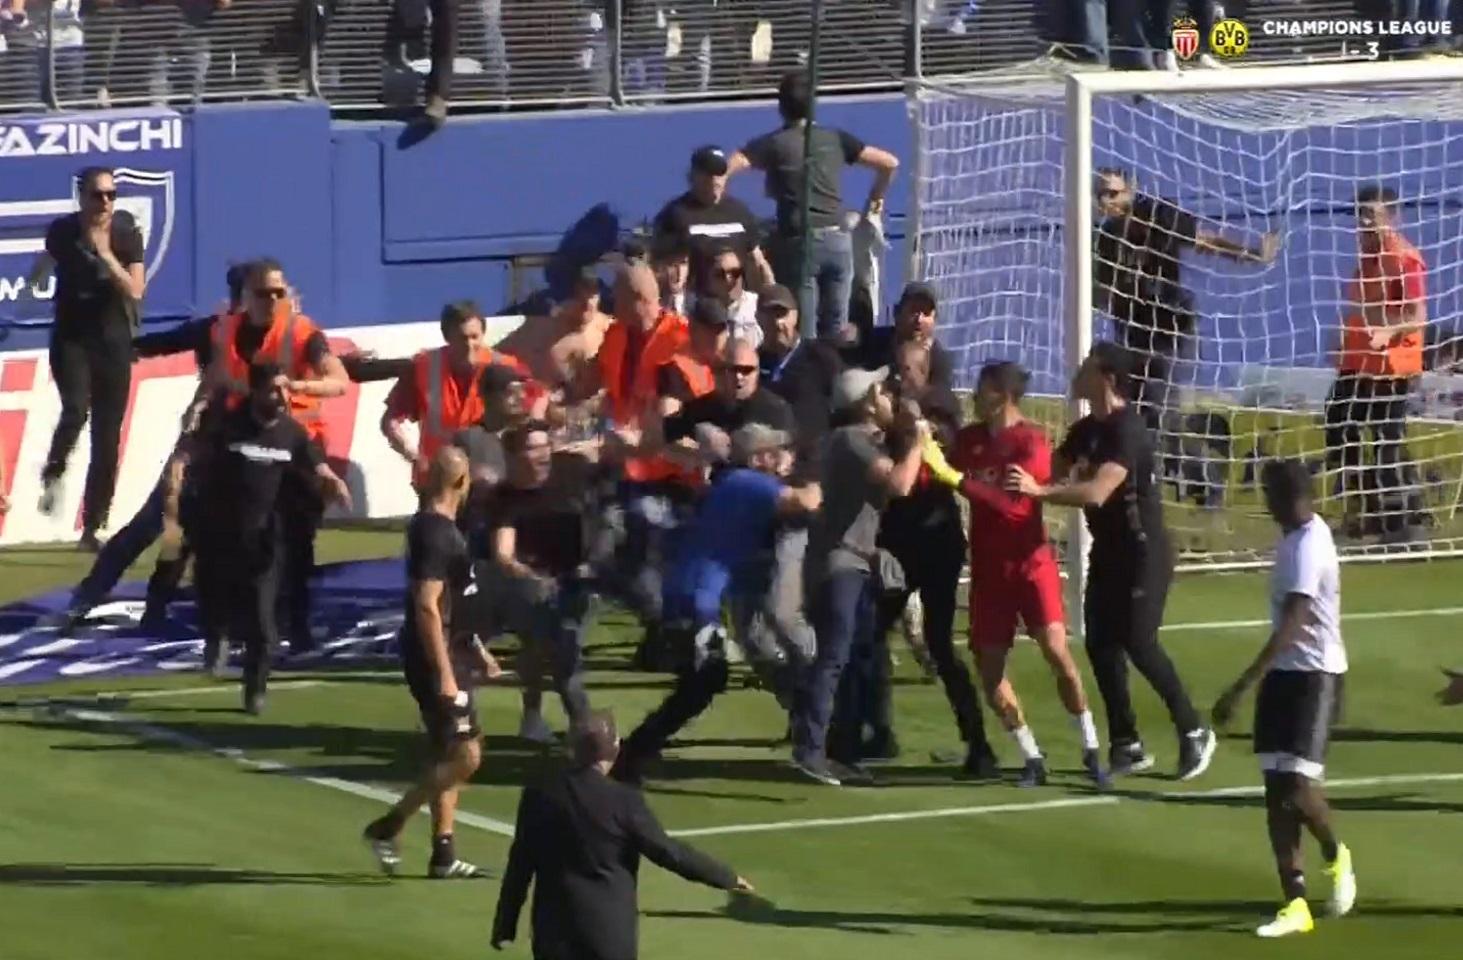 La justice se penche sur les violences autour du match Bastia-OL